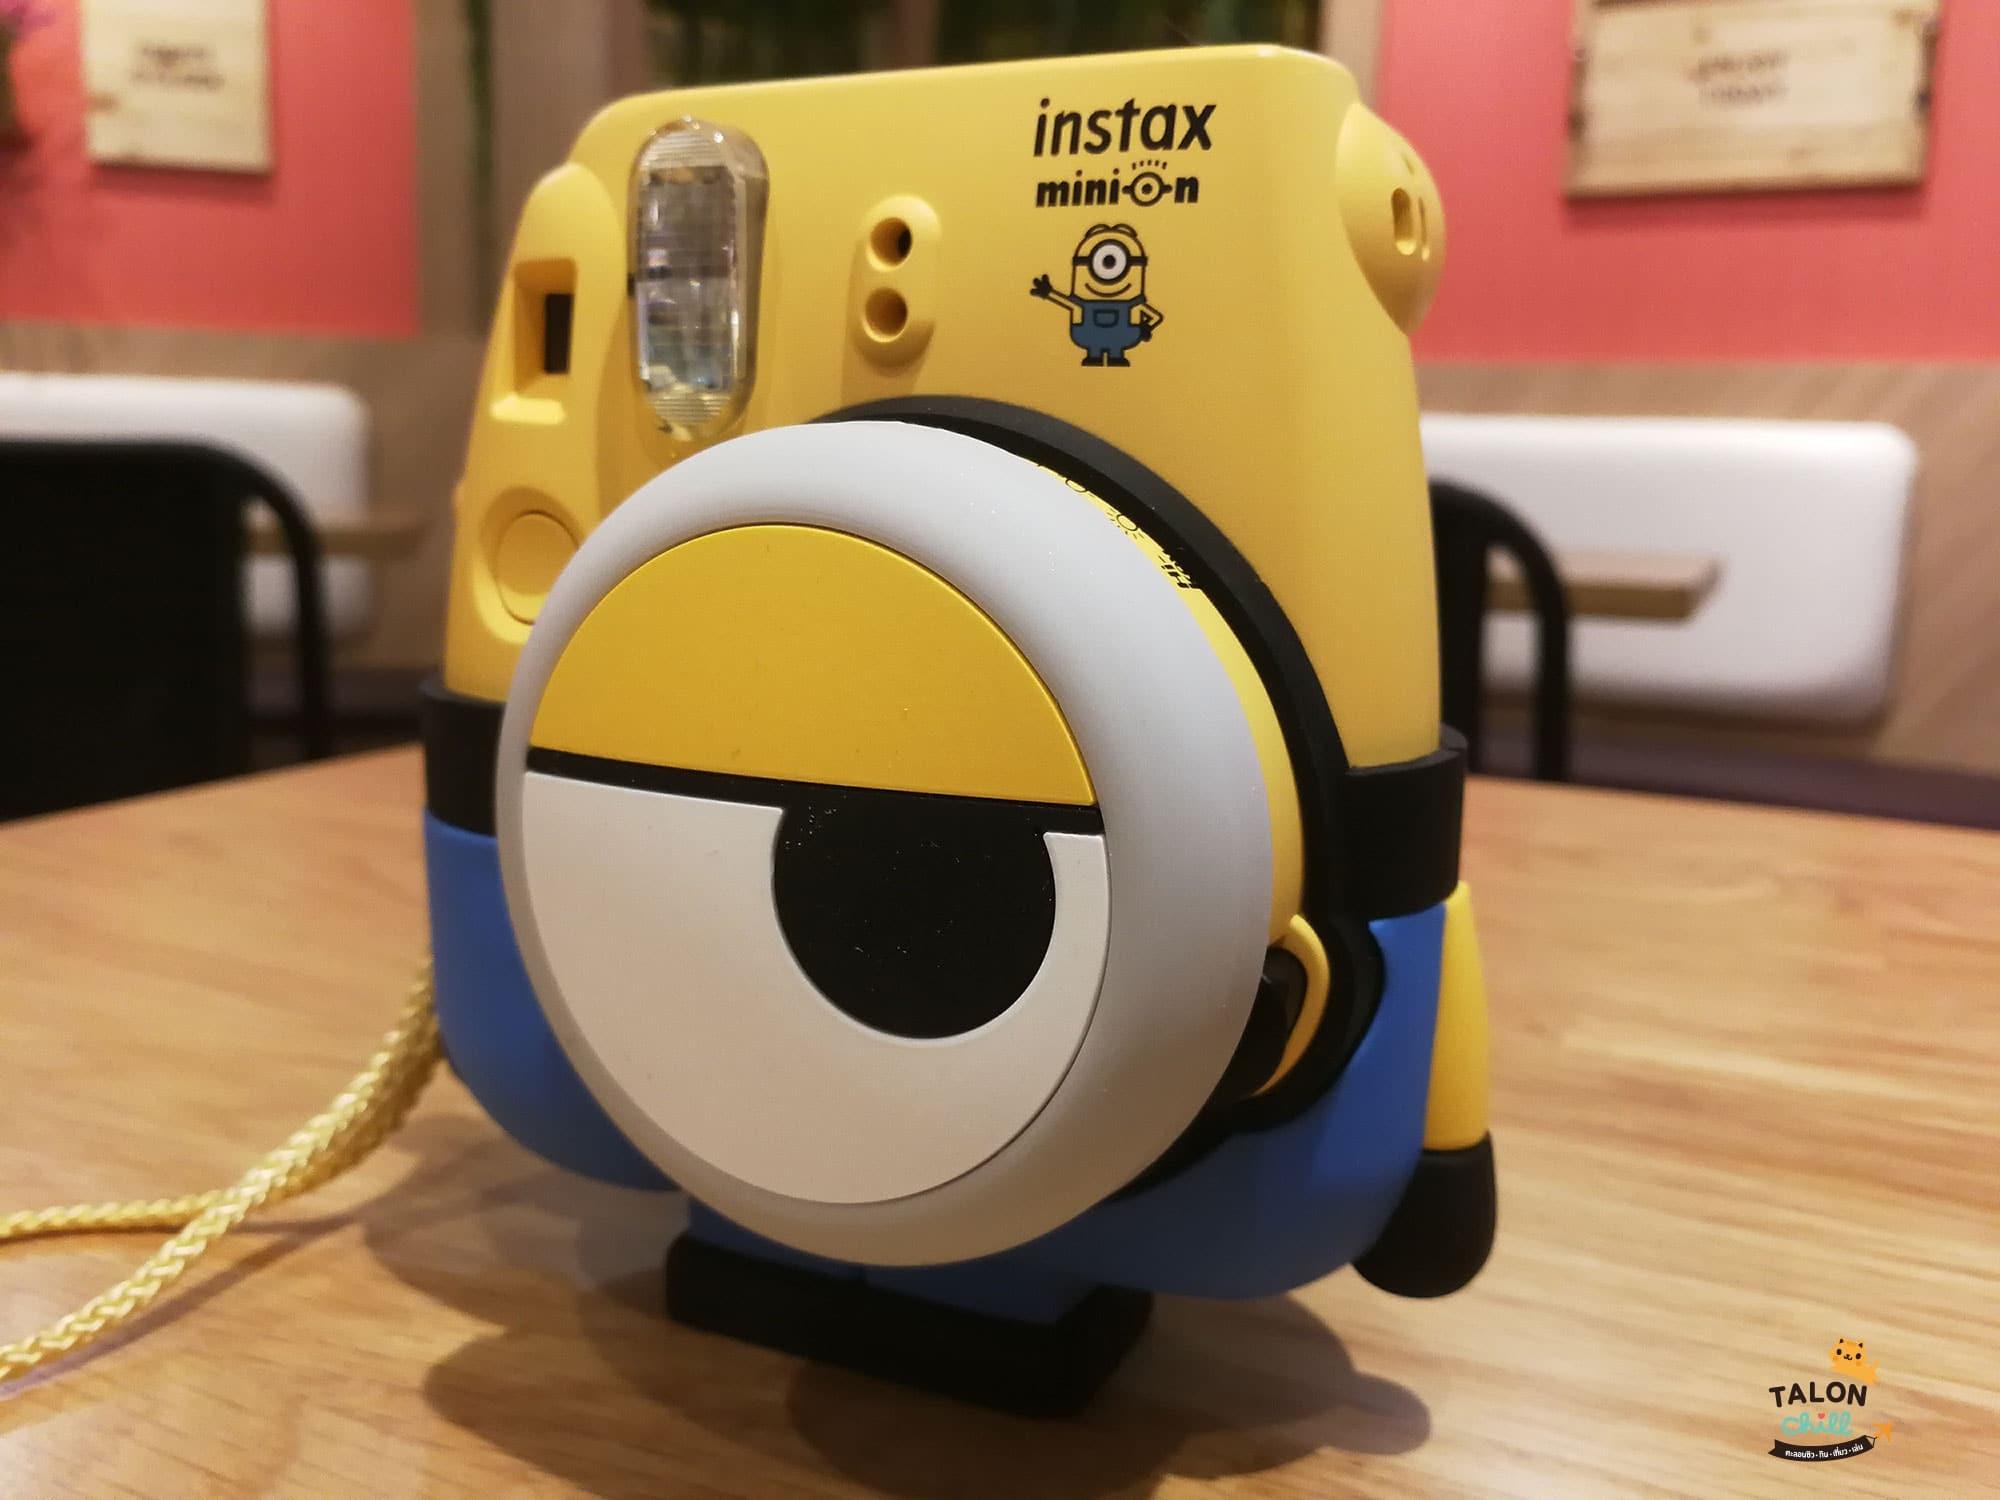 [แกะกล่องรีวิว] กล้องโพลารอยด์ลายมินเนี่ยน (Minion Instax mini 8 Instant Film Camera)